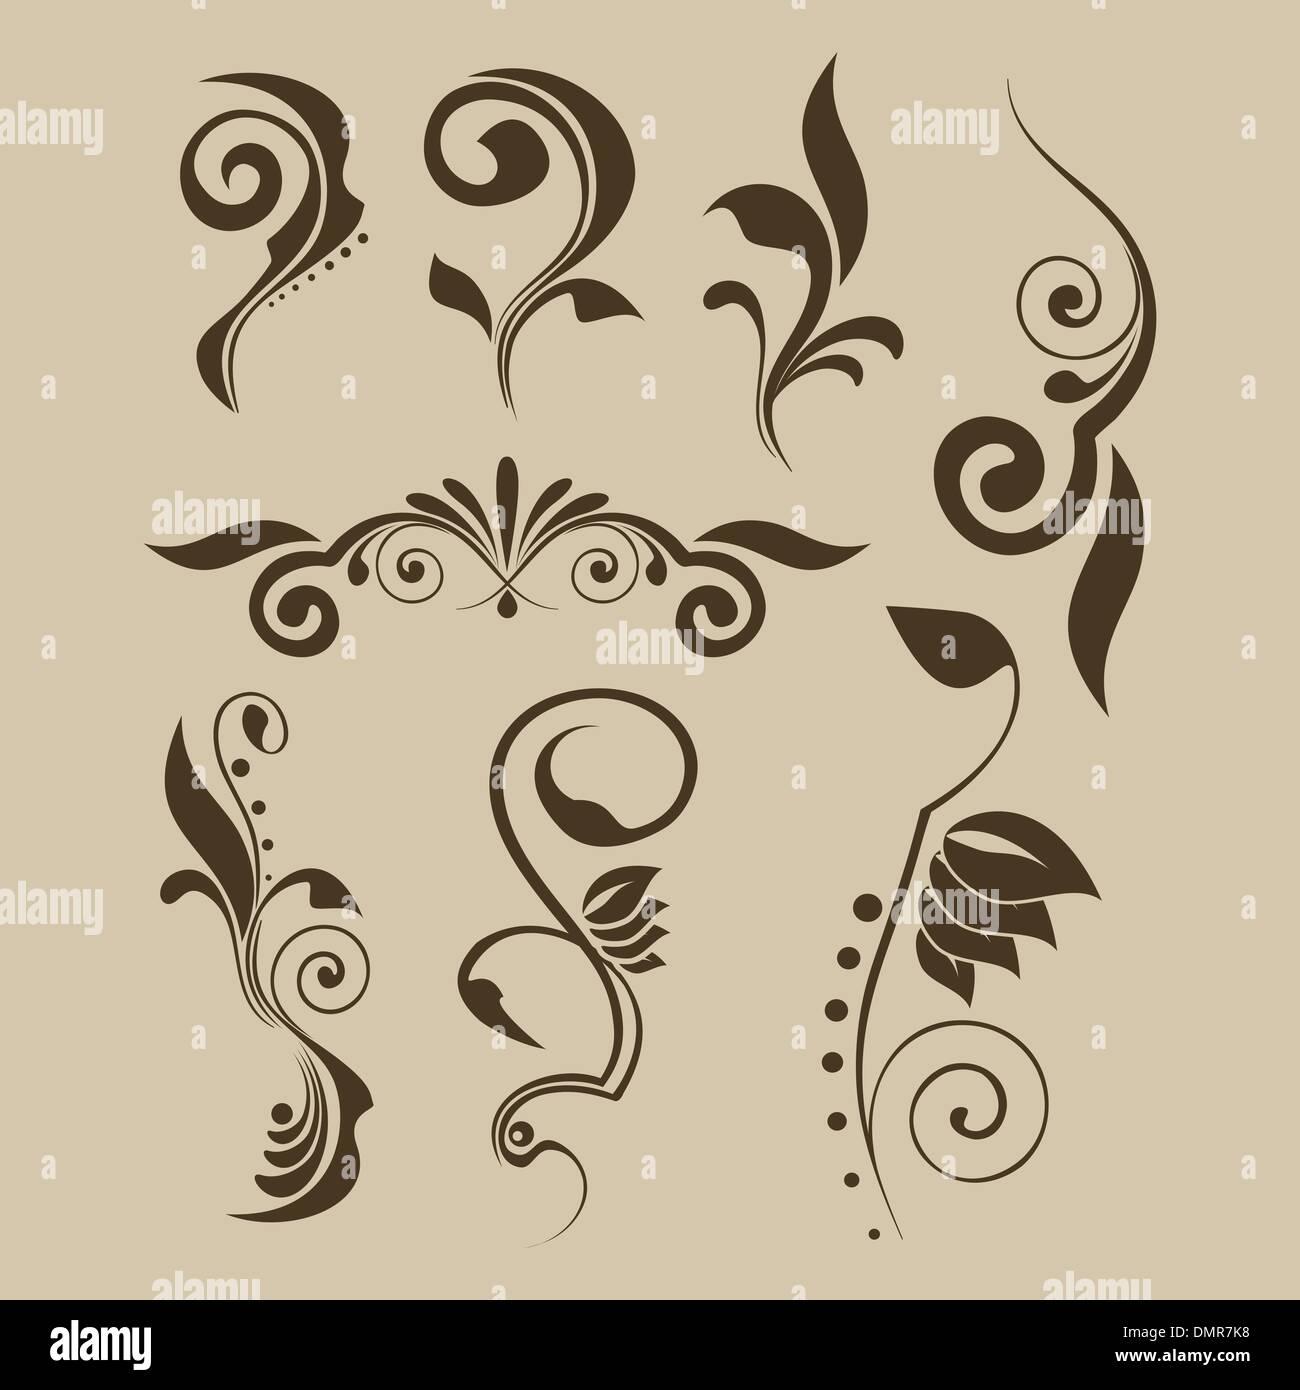 Conjunto de patrones vectoriales para diseño Imagen De Stock